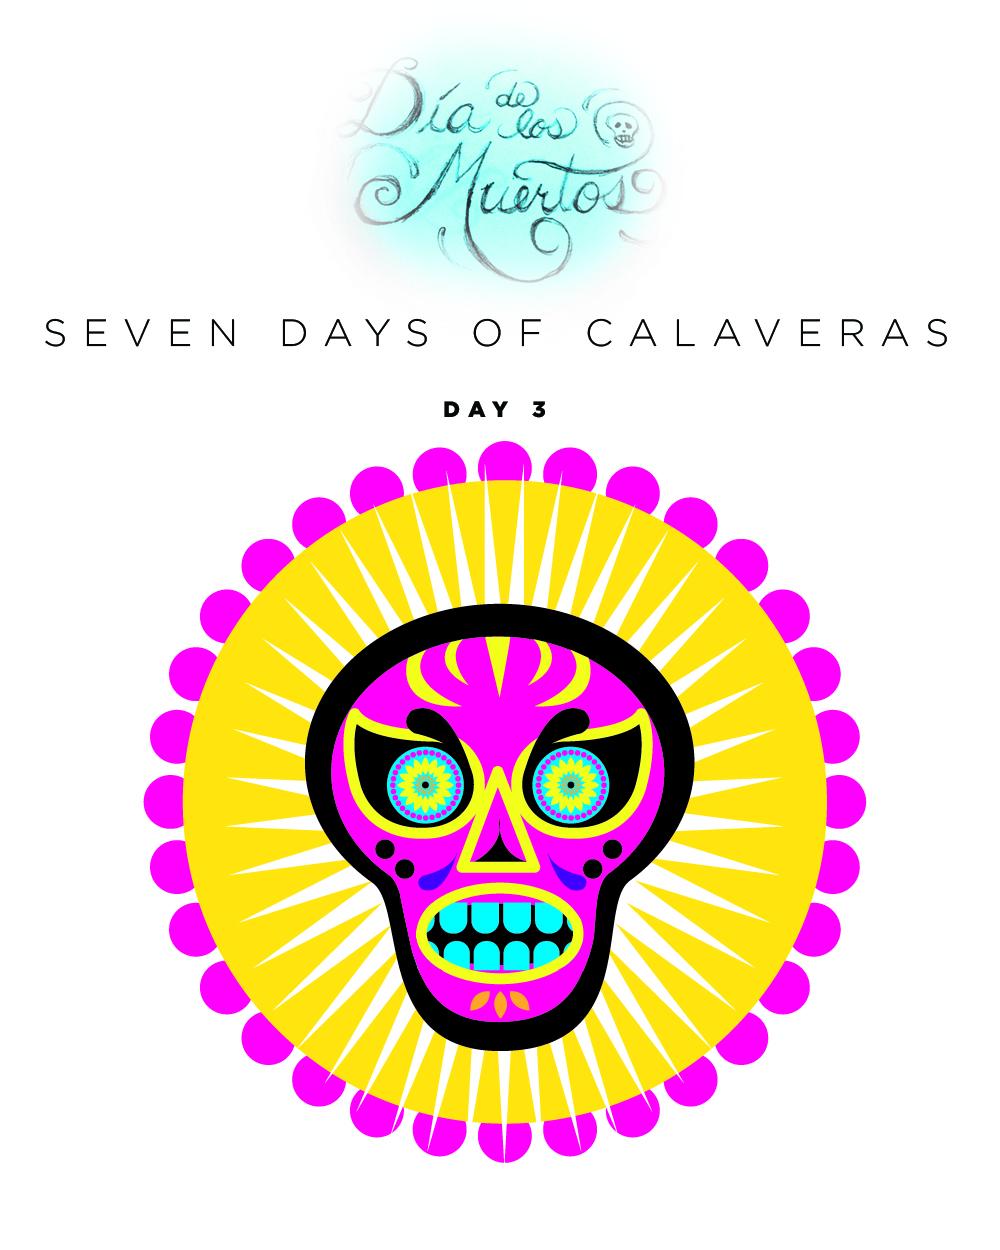 SEVEN days of calaveras day 3